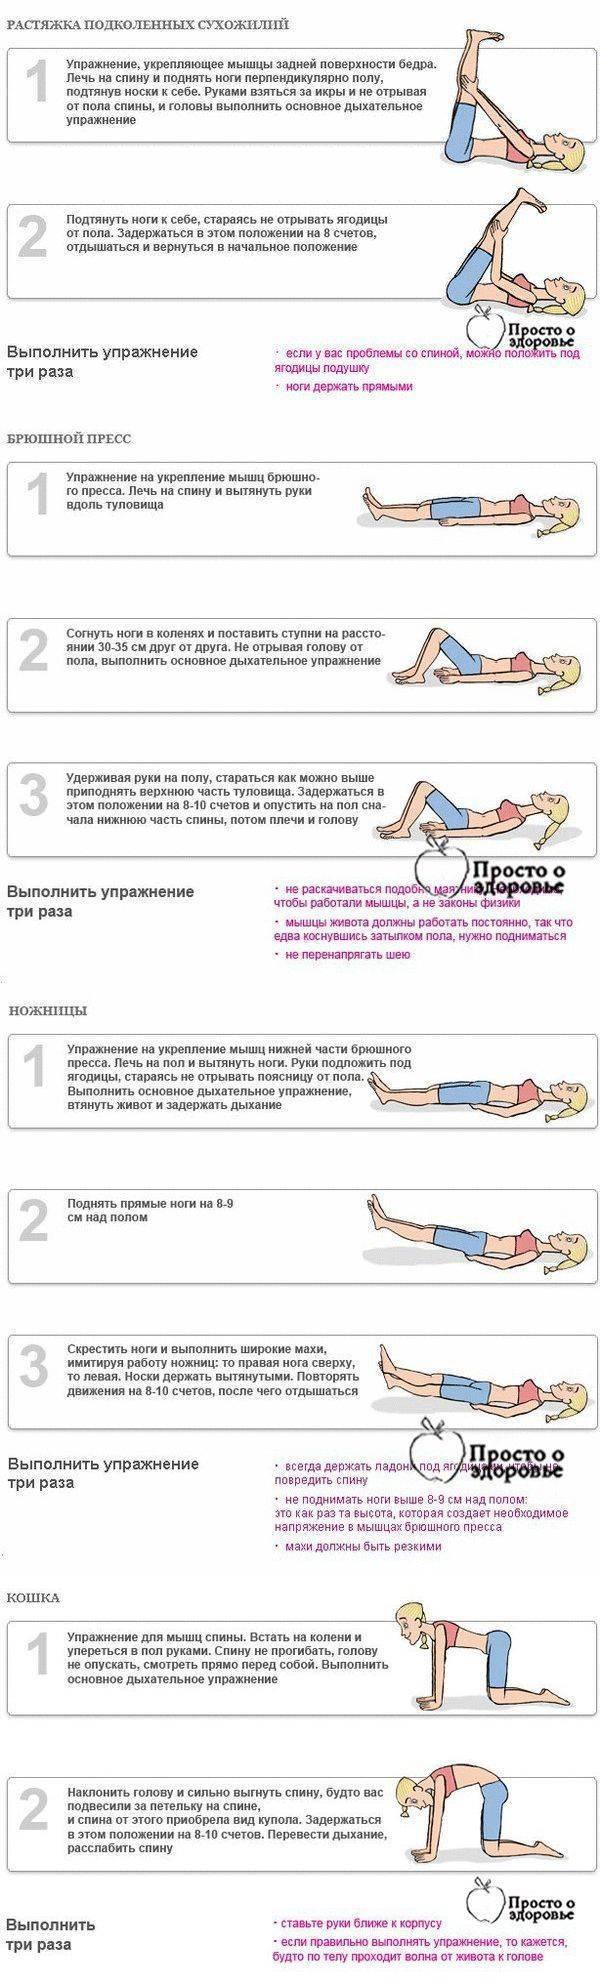 Дыхательная гимнастика для похудения и очищения организма